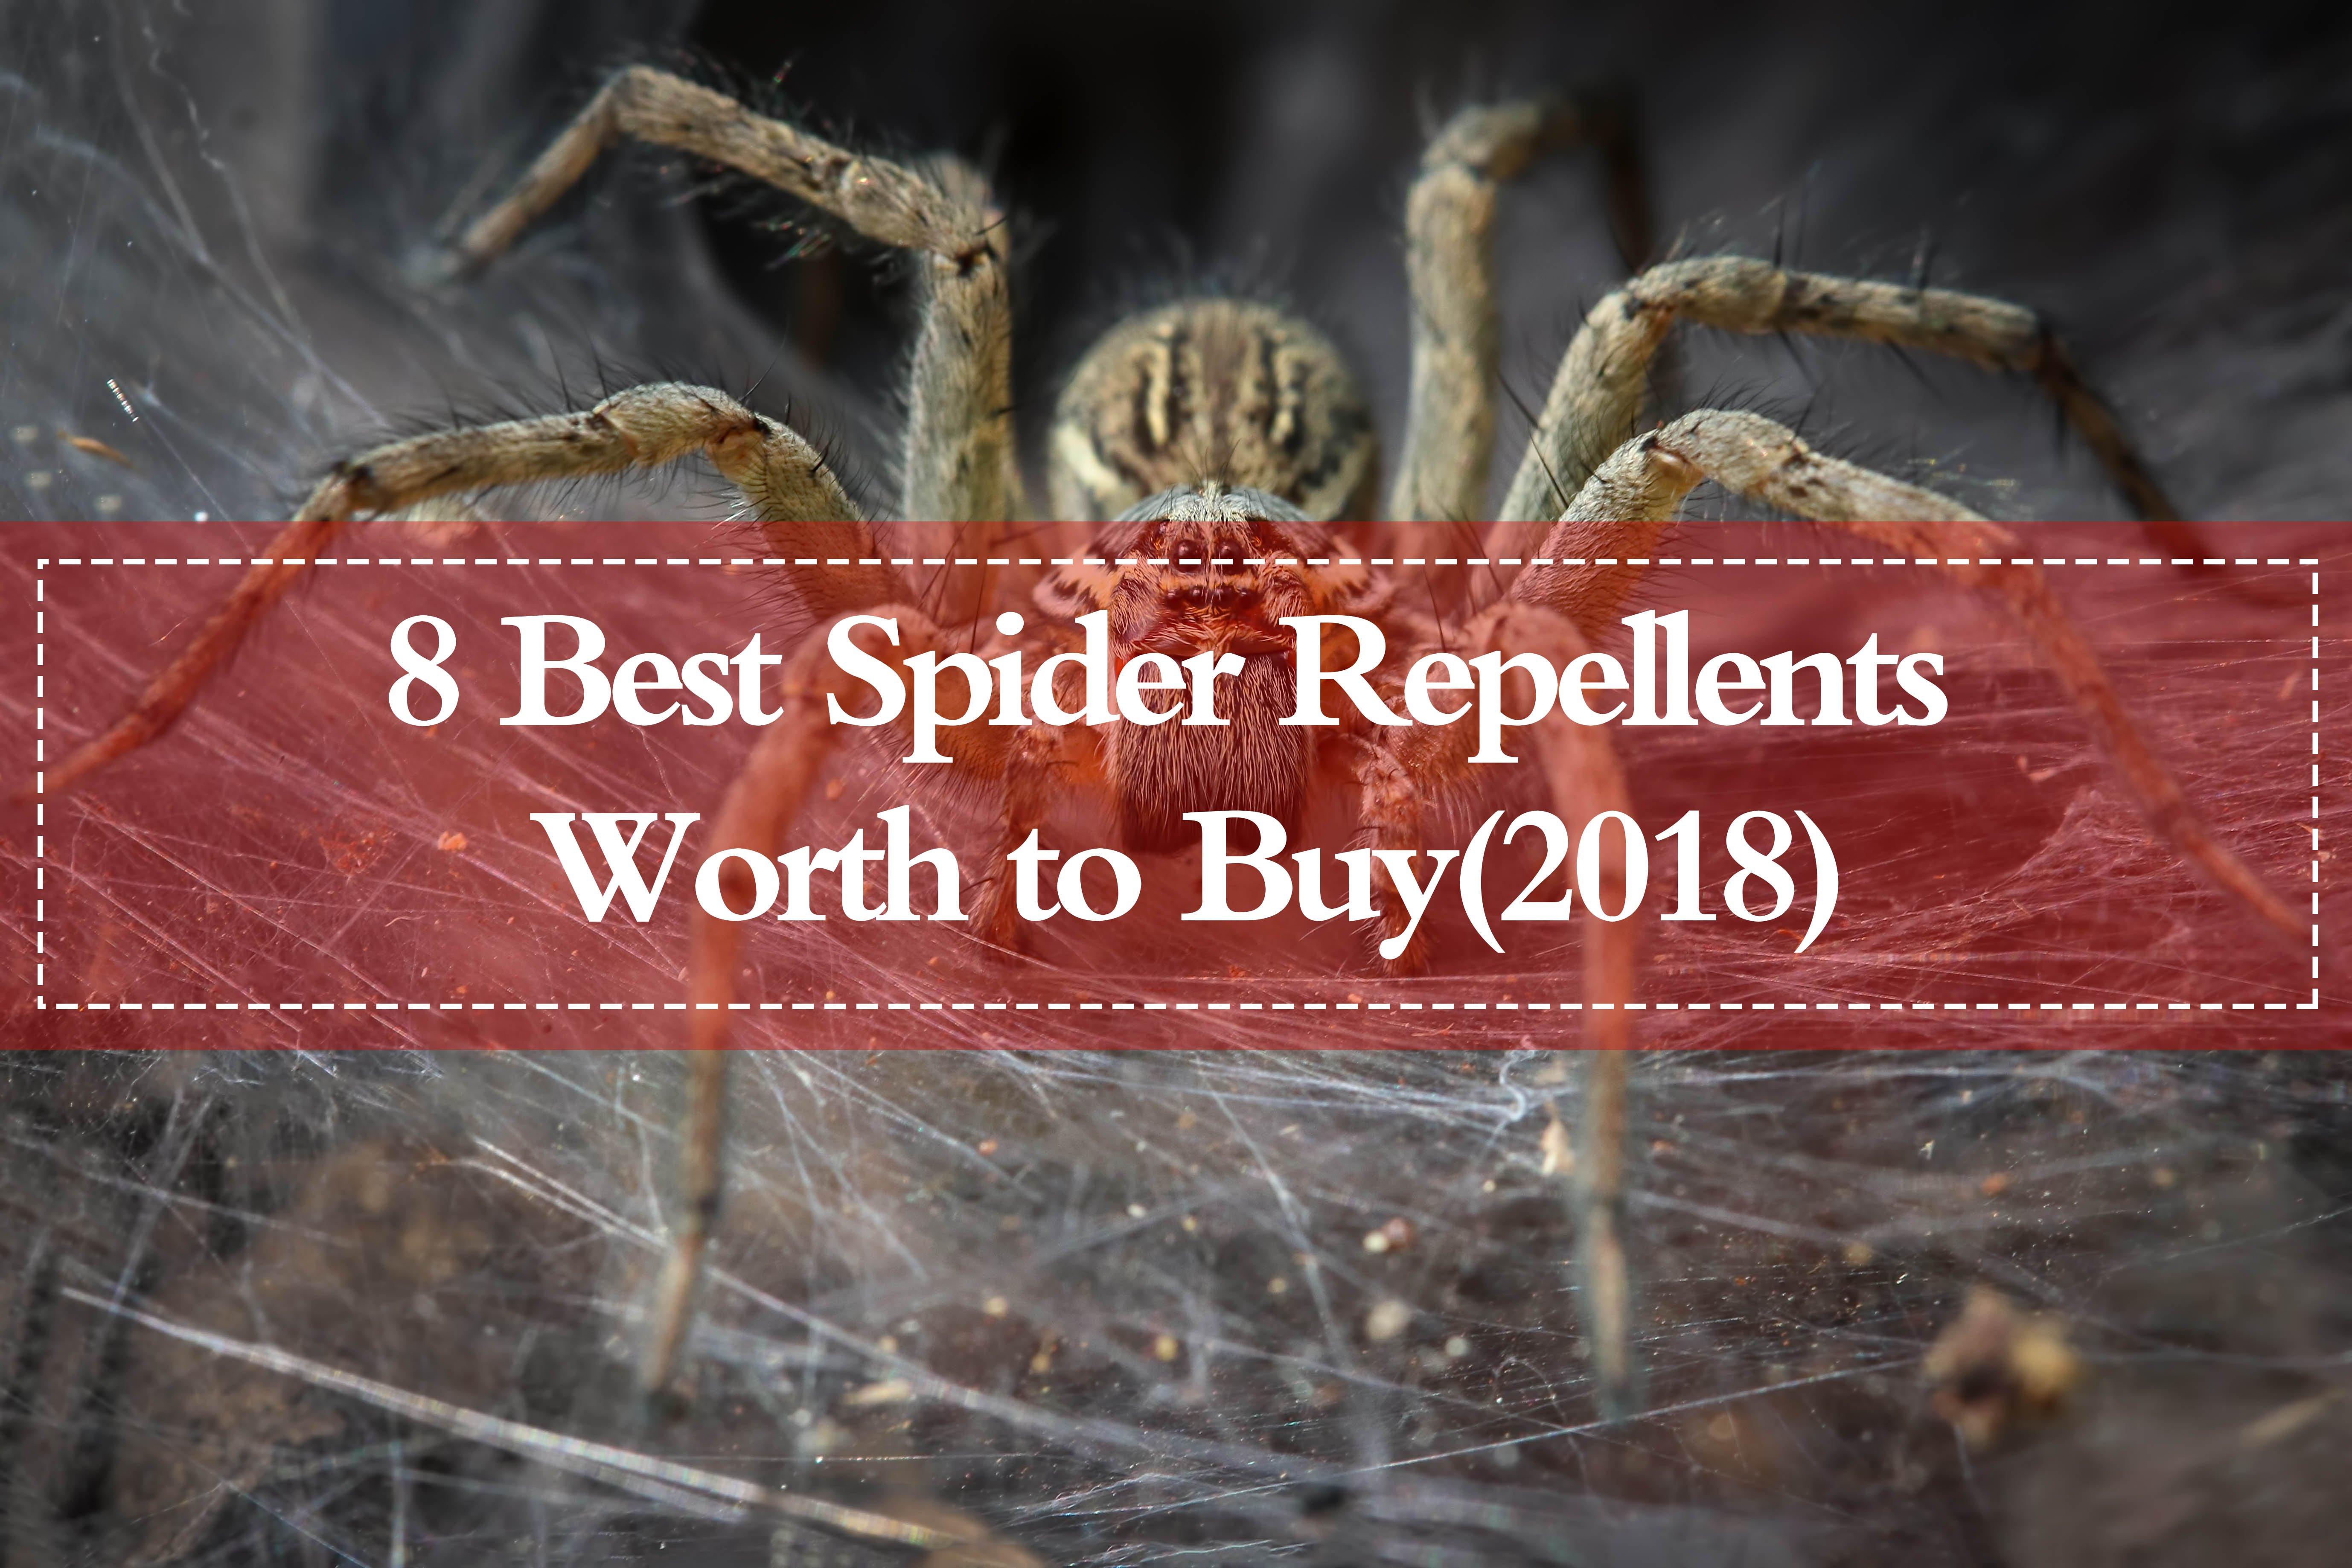 Best spider repellents